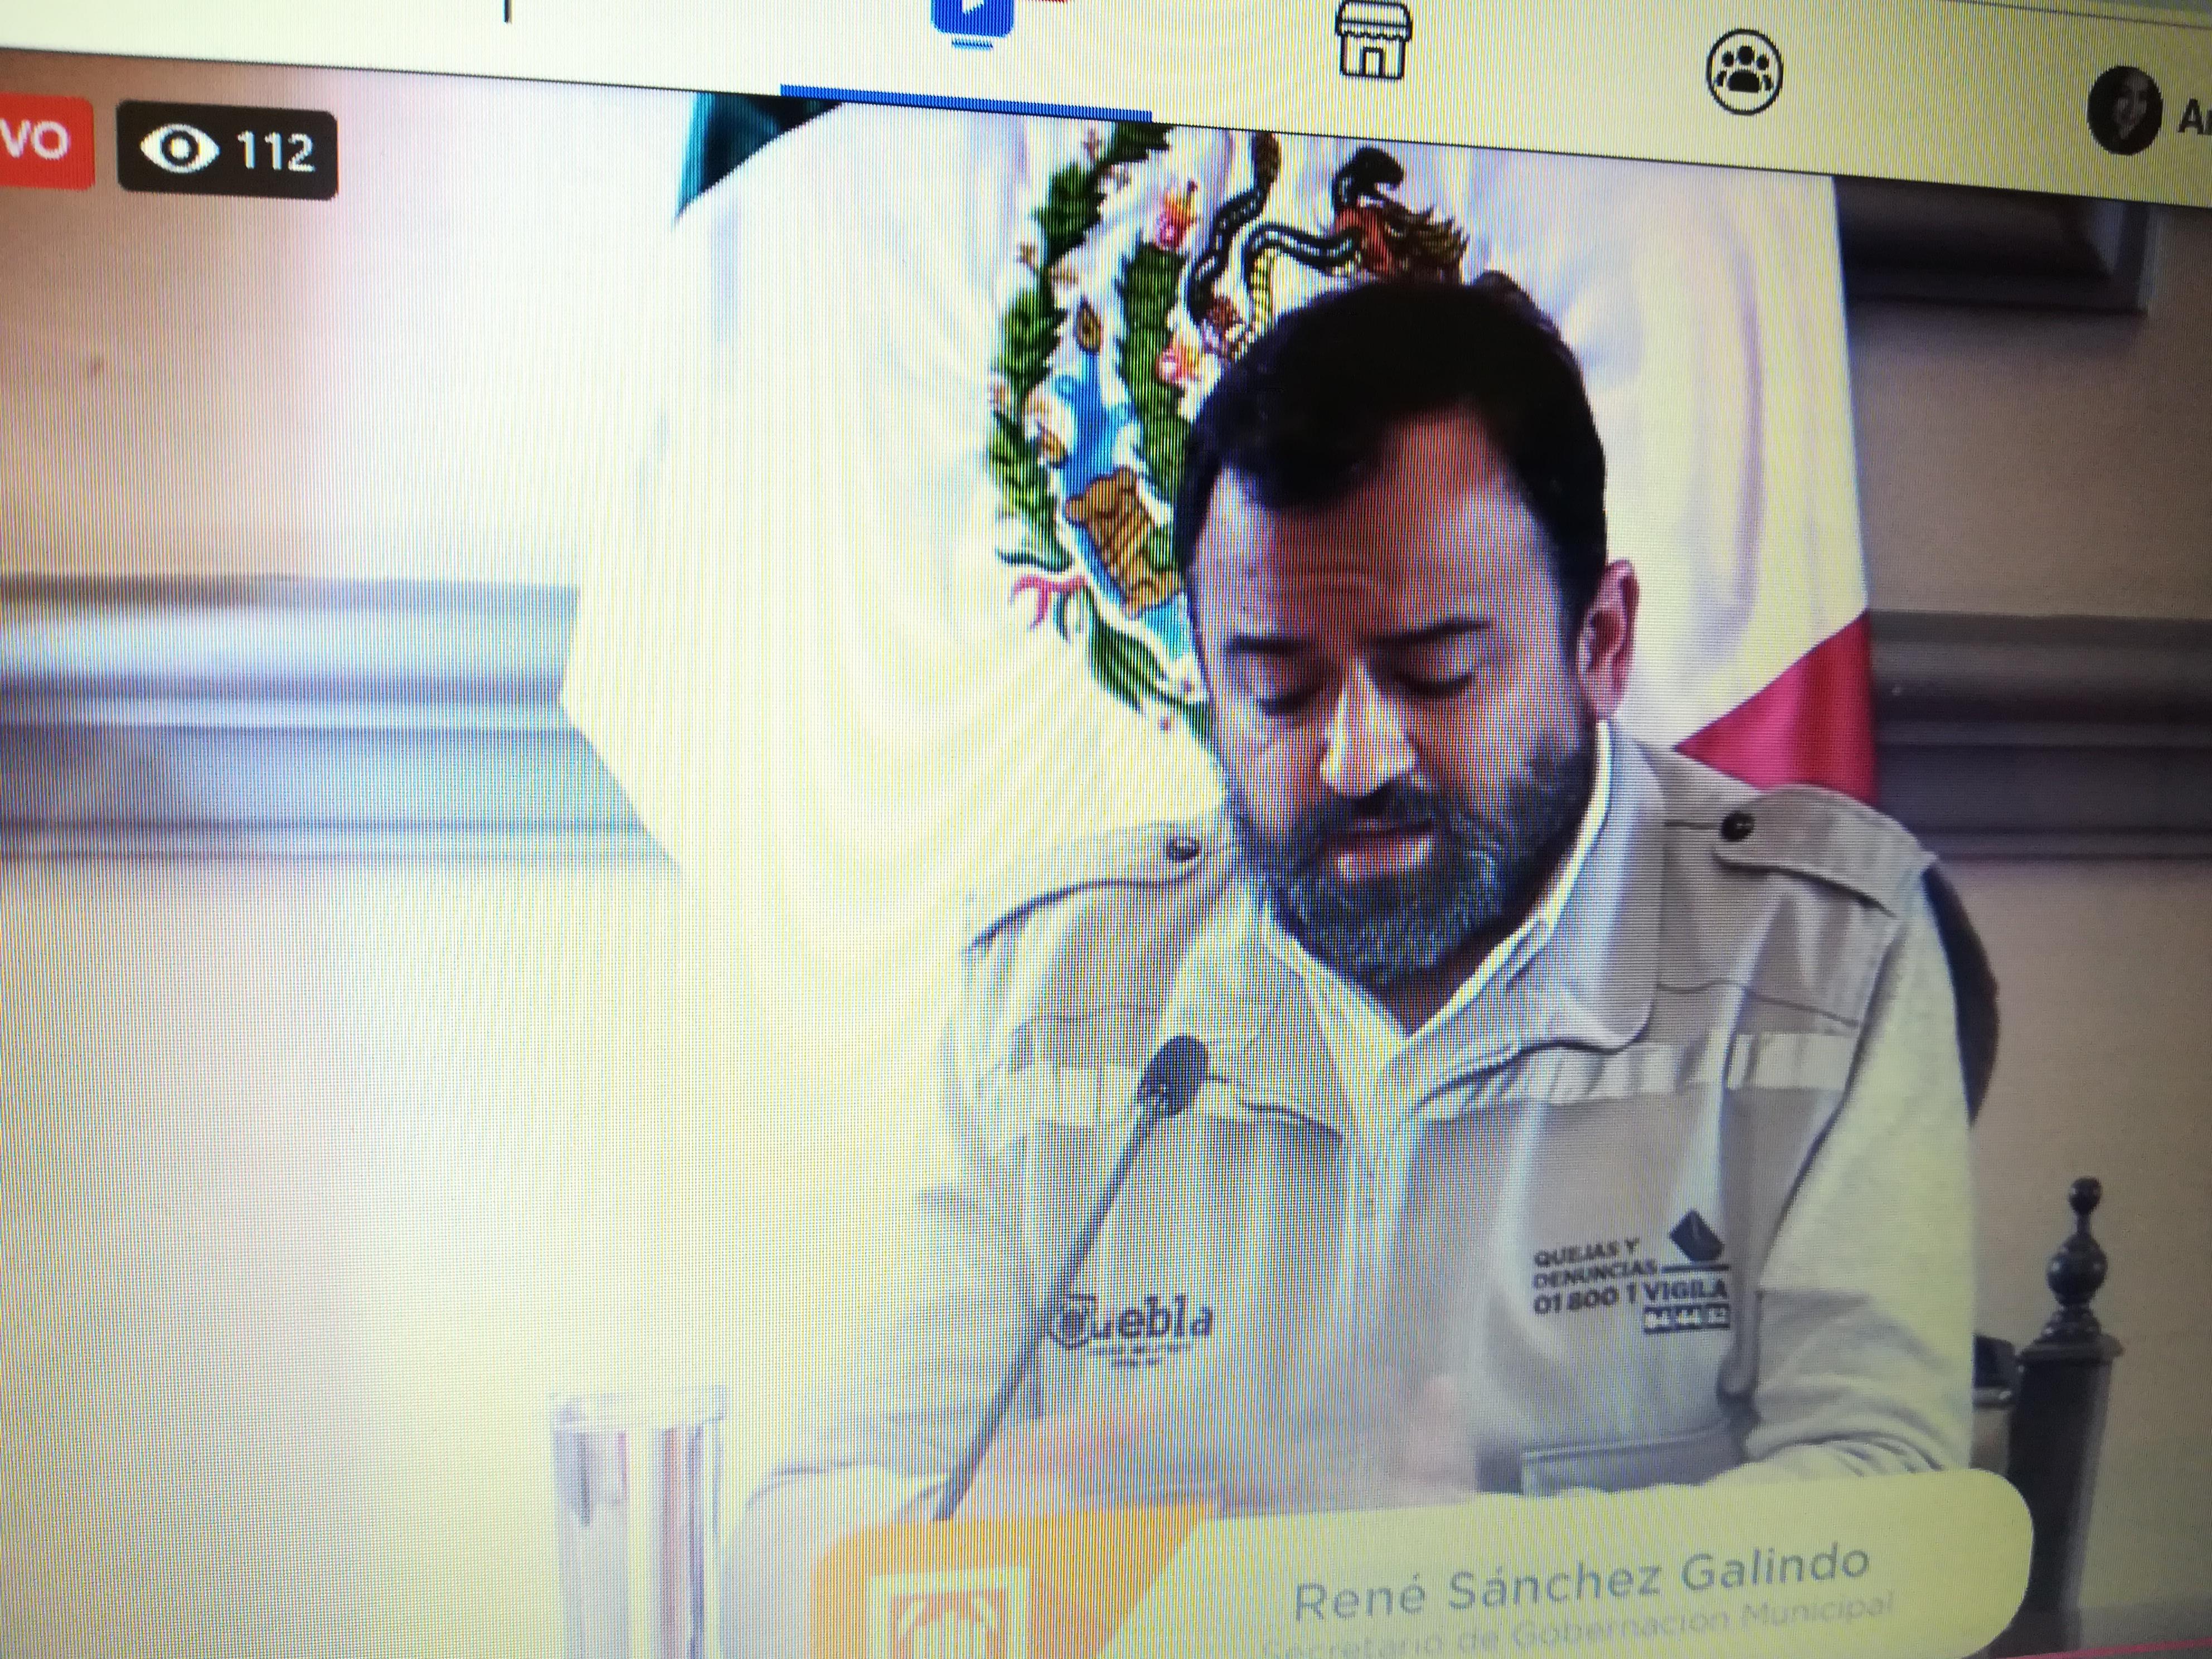 Cierre del zócalo capitalino evitó aglomeraciones: Sánchez Galindo